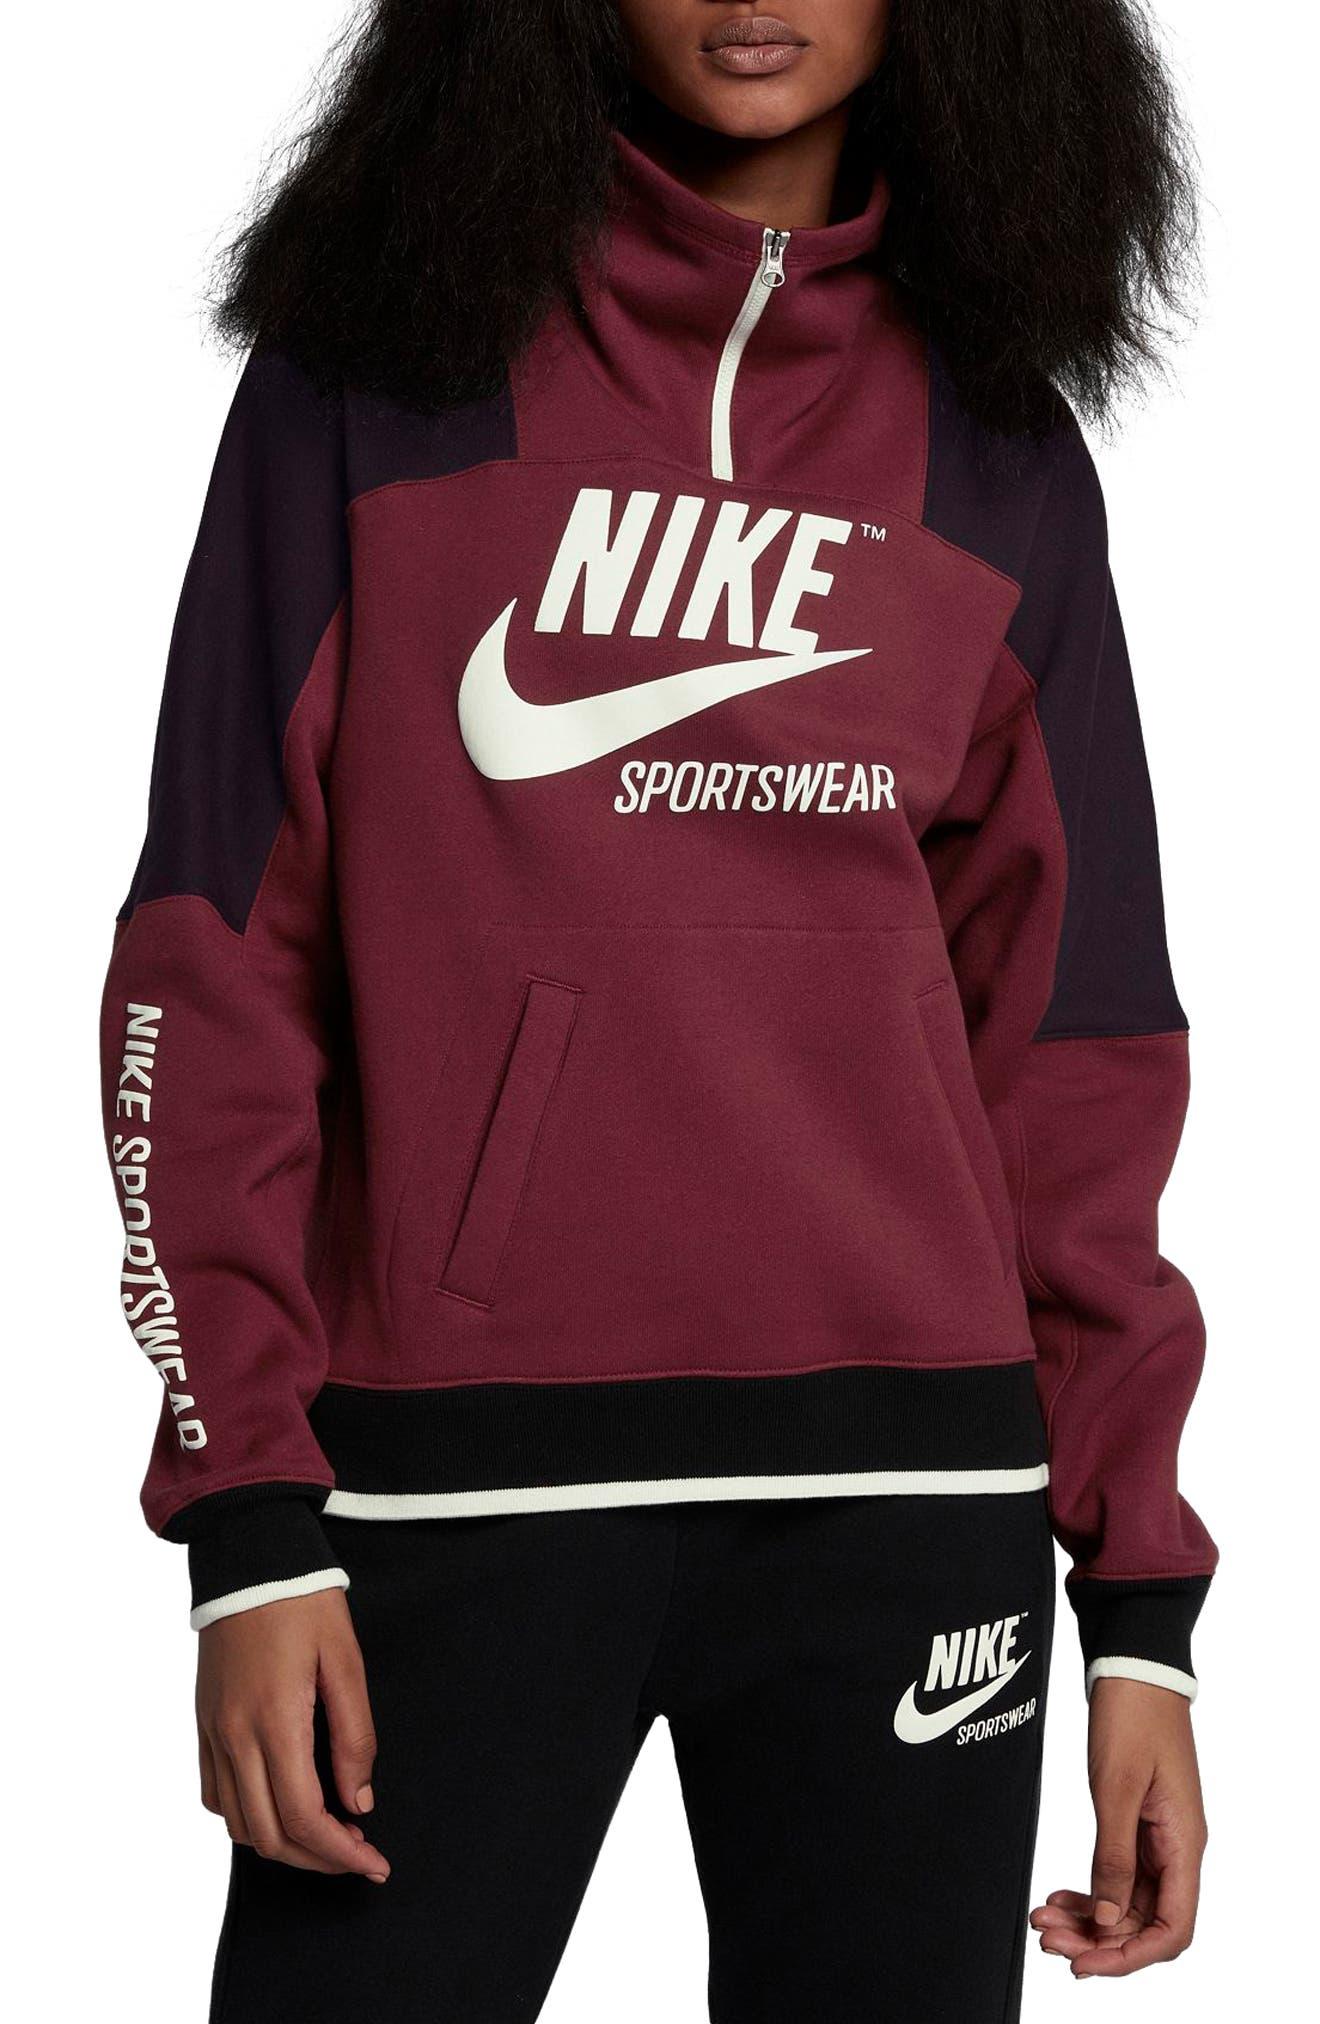 Nike Sportswear Archive Hoodie